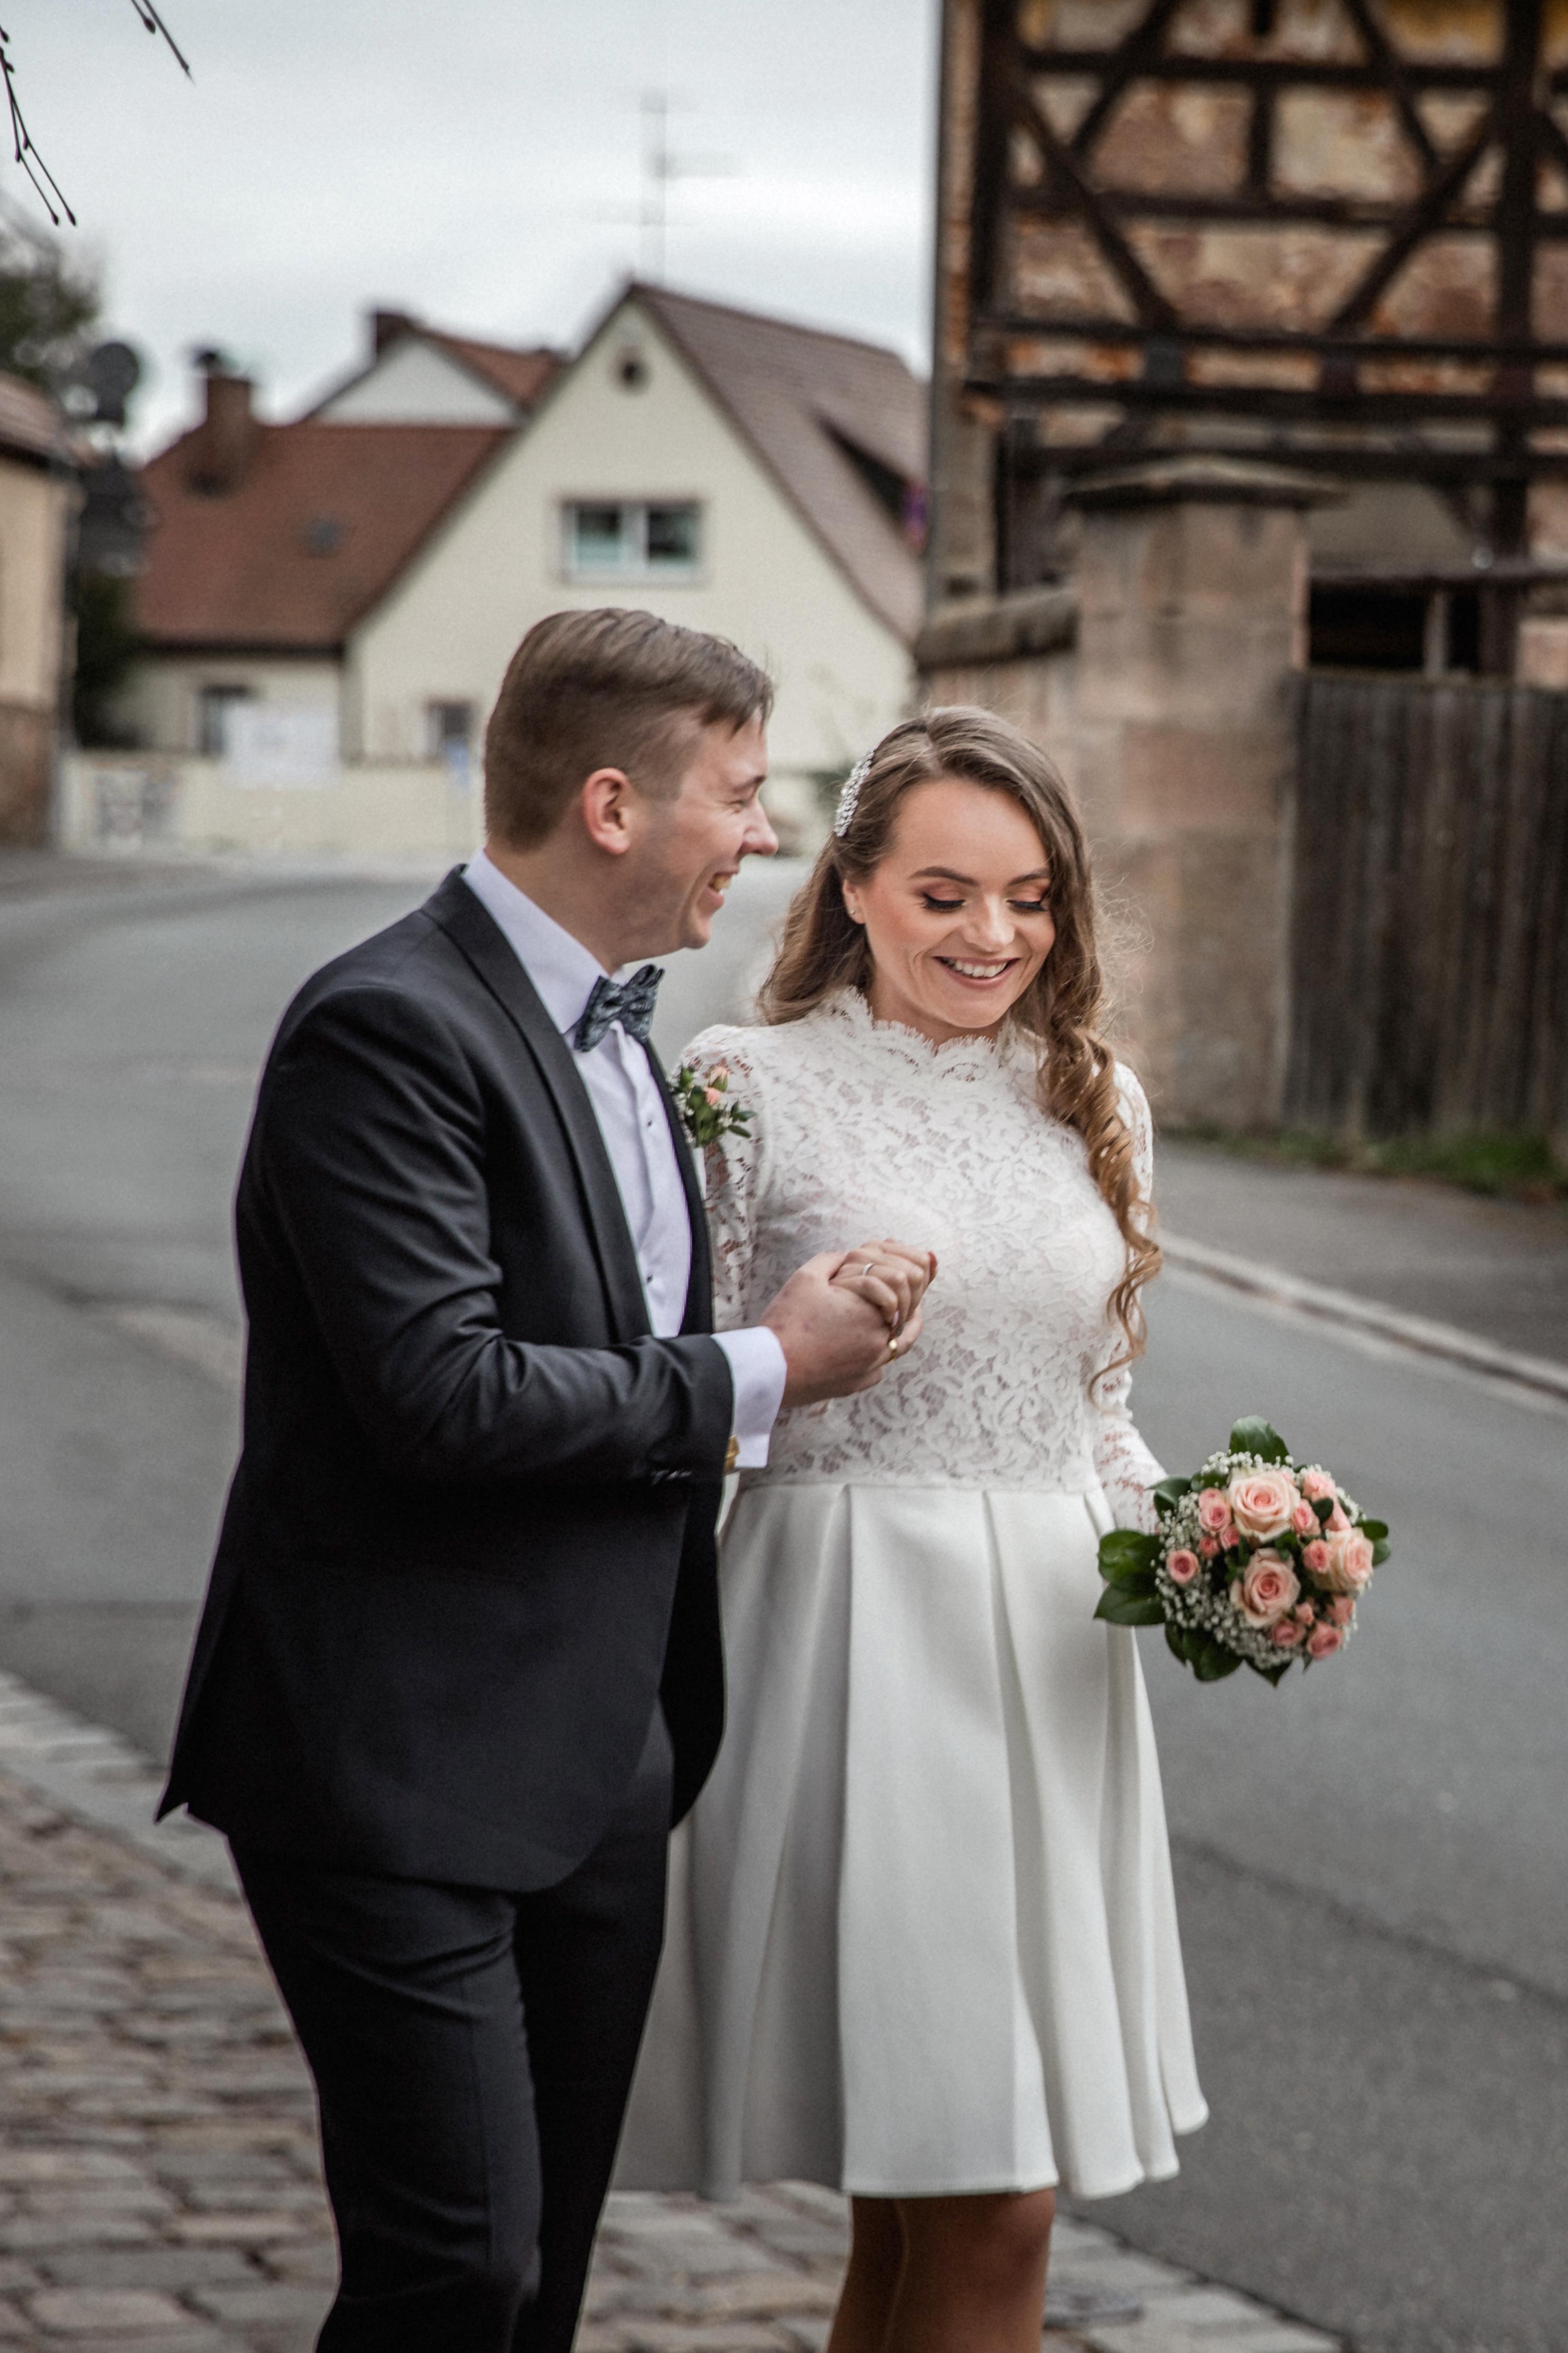 Hochzeitsfotograf-Grossgruendlach-Standesamt-Hallerschloss-Urbanerie-Stazija-und-Michael-032